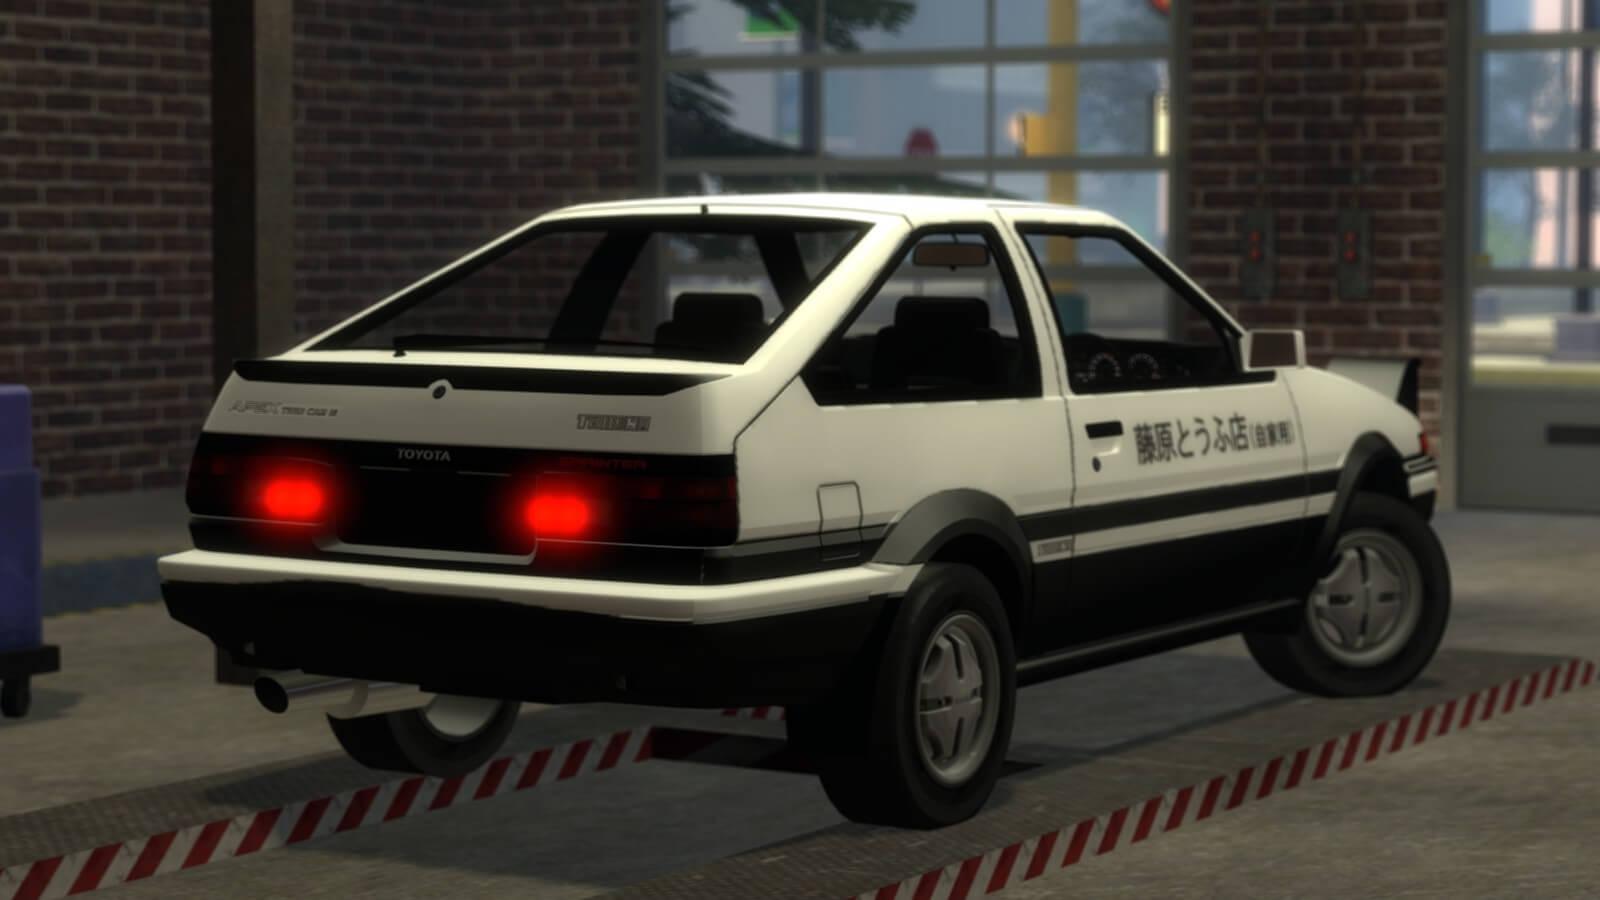 Garry's Mod - Initial D Toyota Sprinter Trueno GT-Apex AE86 [simfphys]